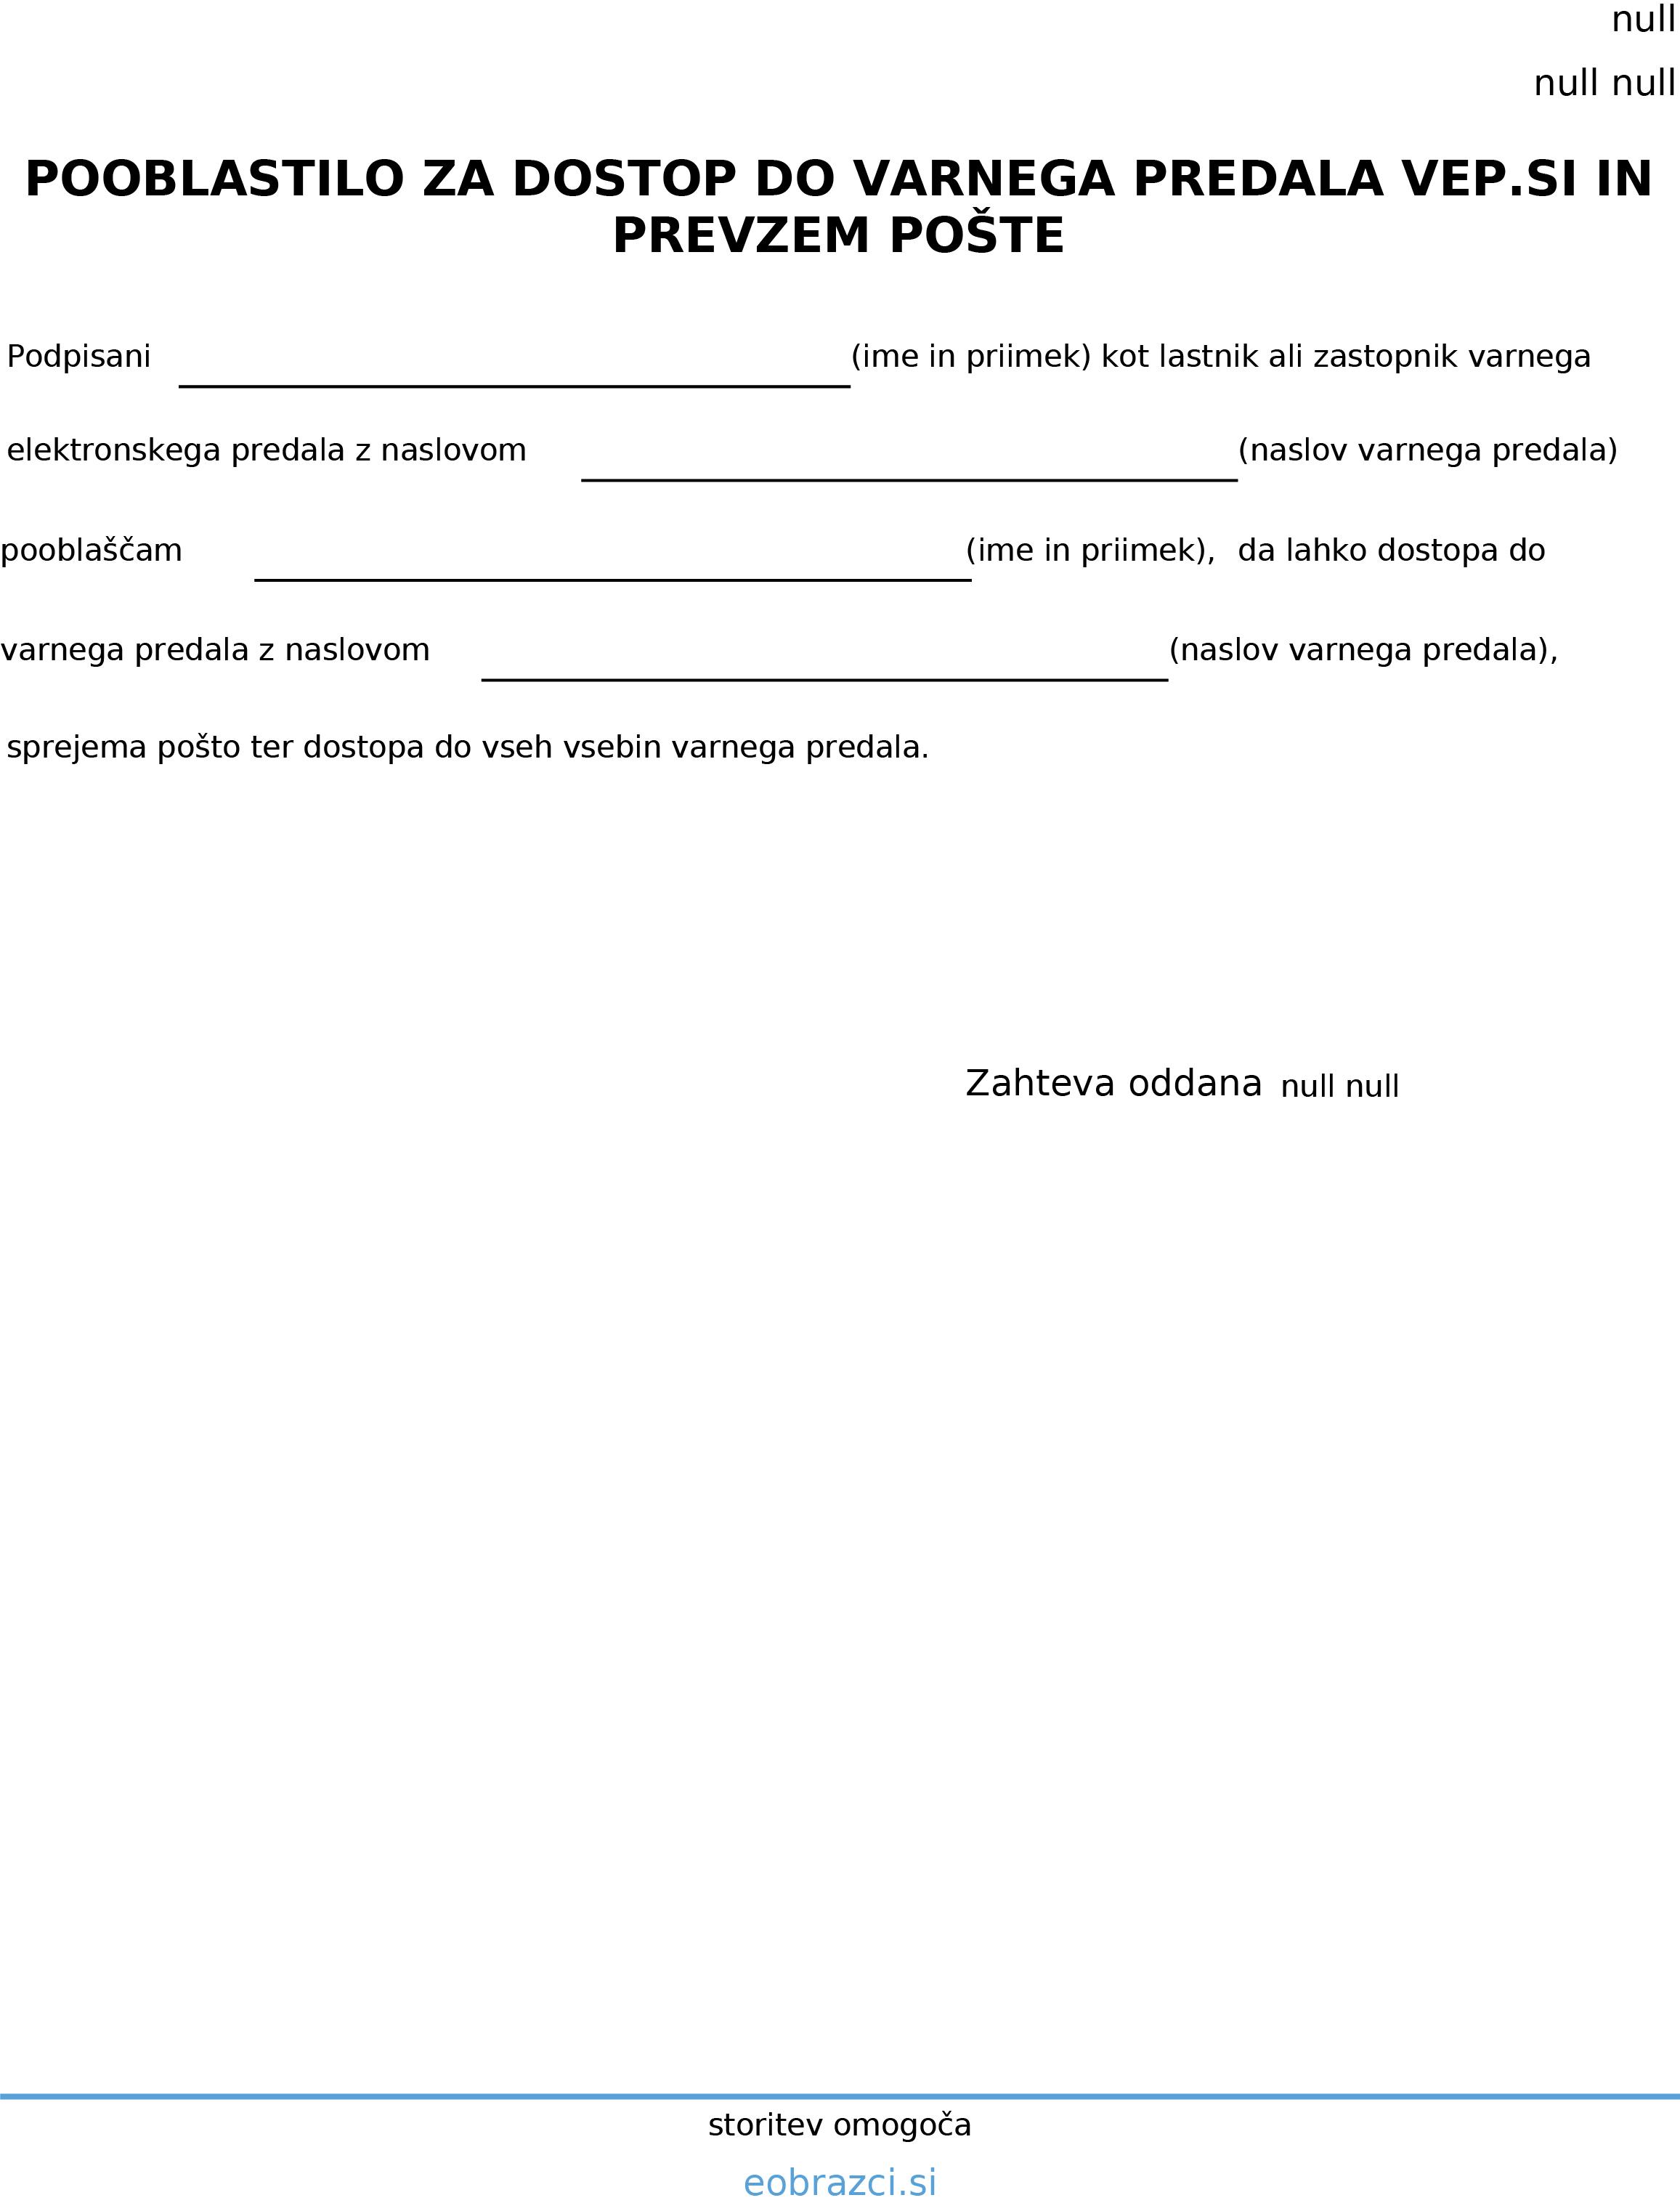 pooblastilo_za_dostop_do_vep